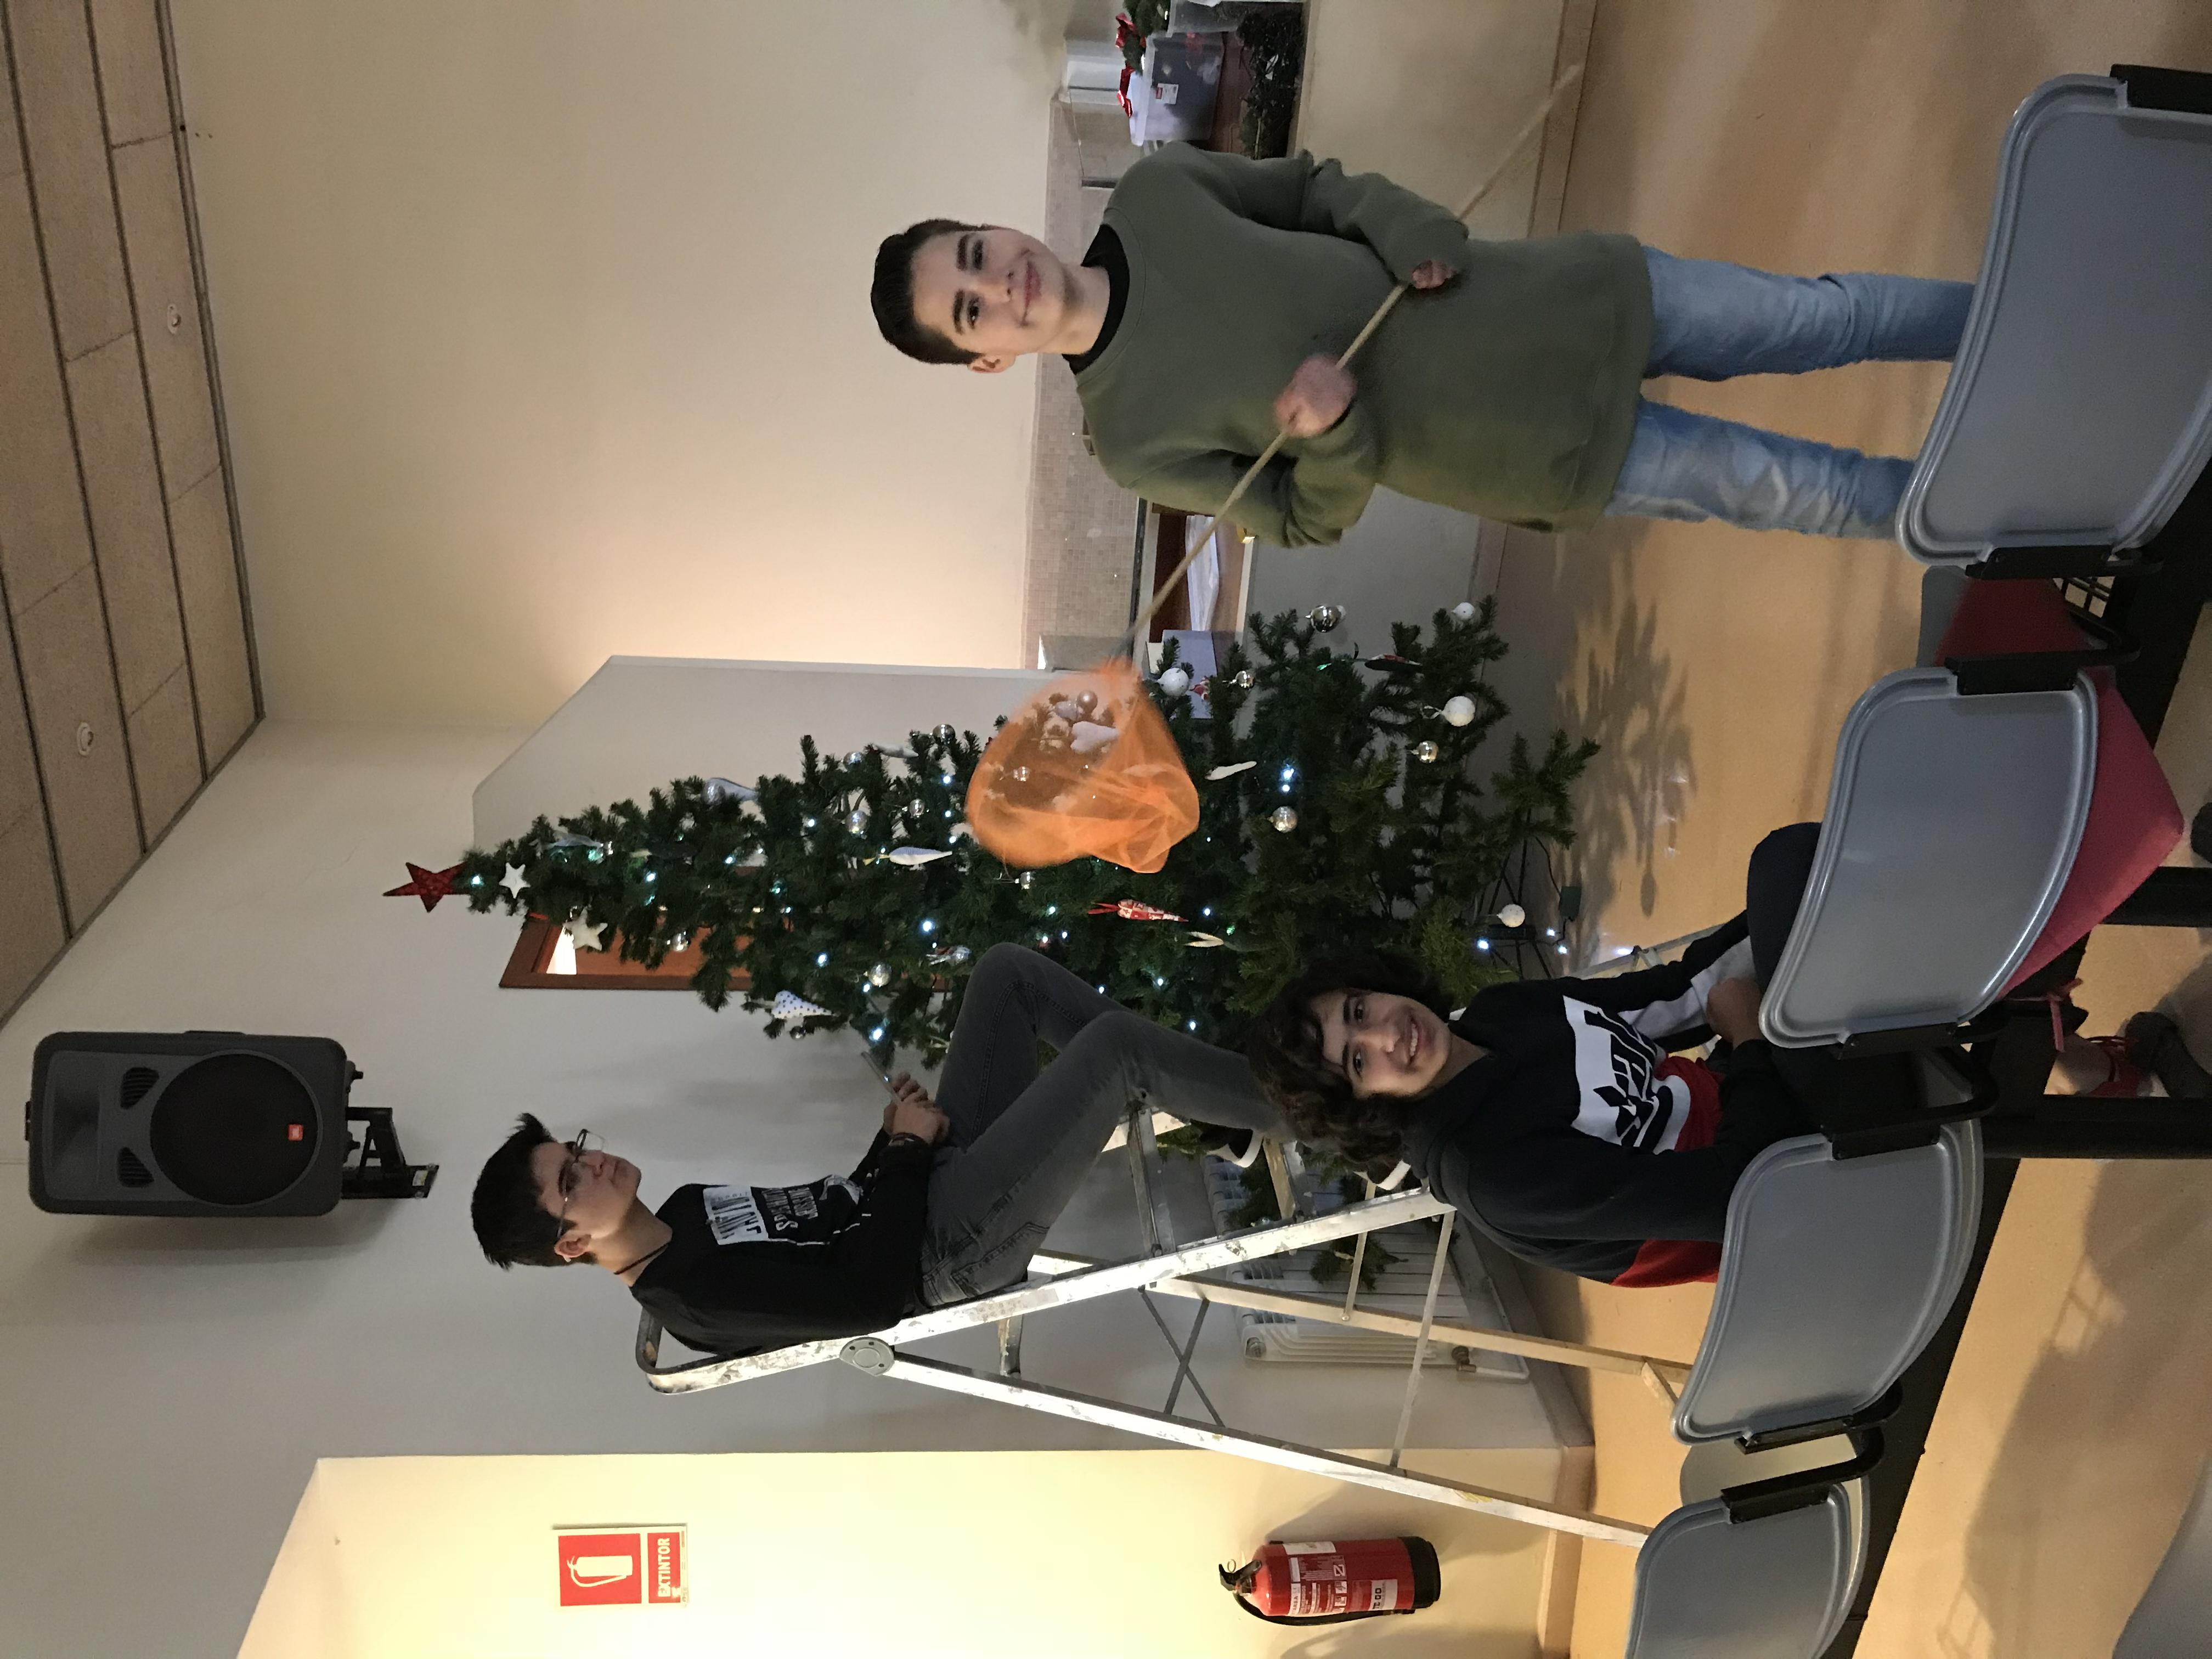 Photo 09-12-2017, 11 26 46